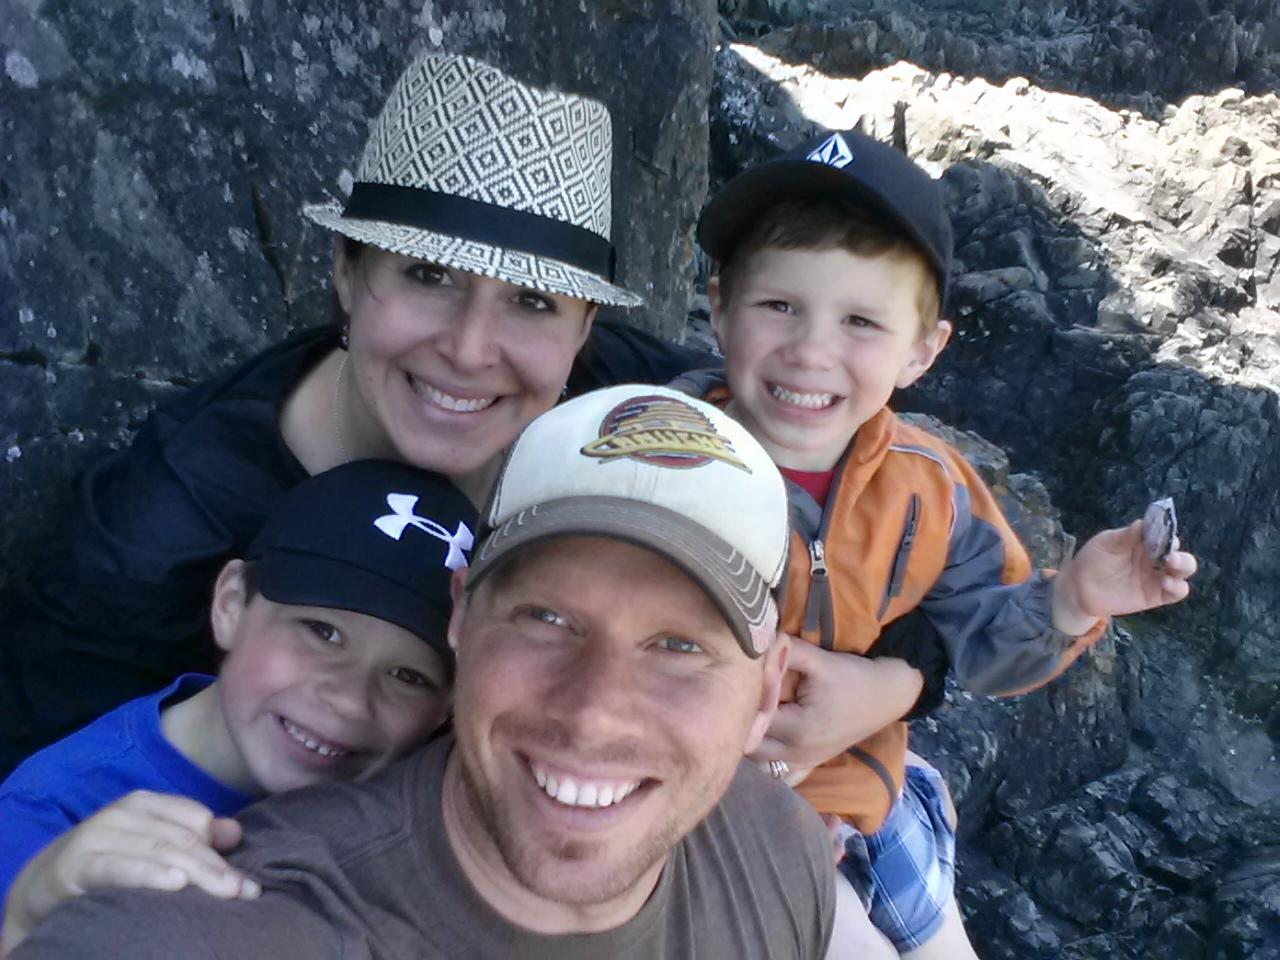 Jarod & family